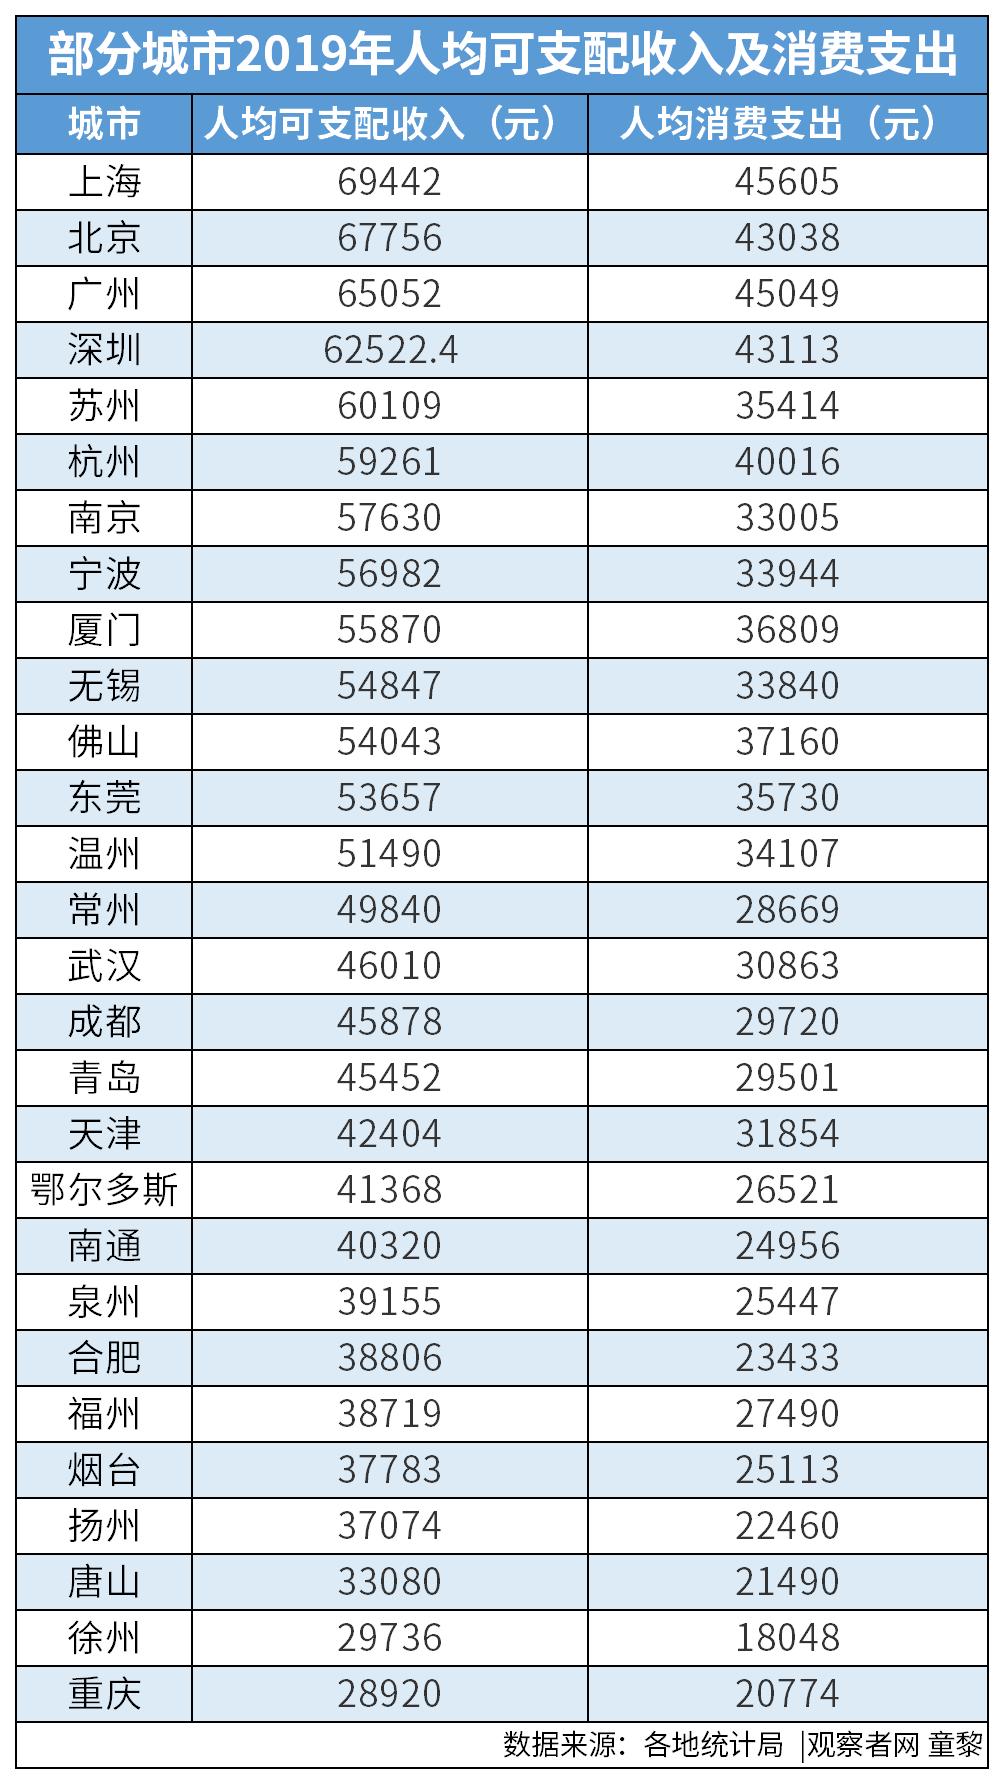 人均gdp意义_世界人均gdp排名